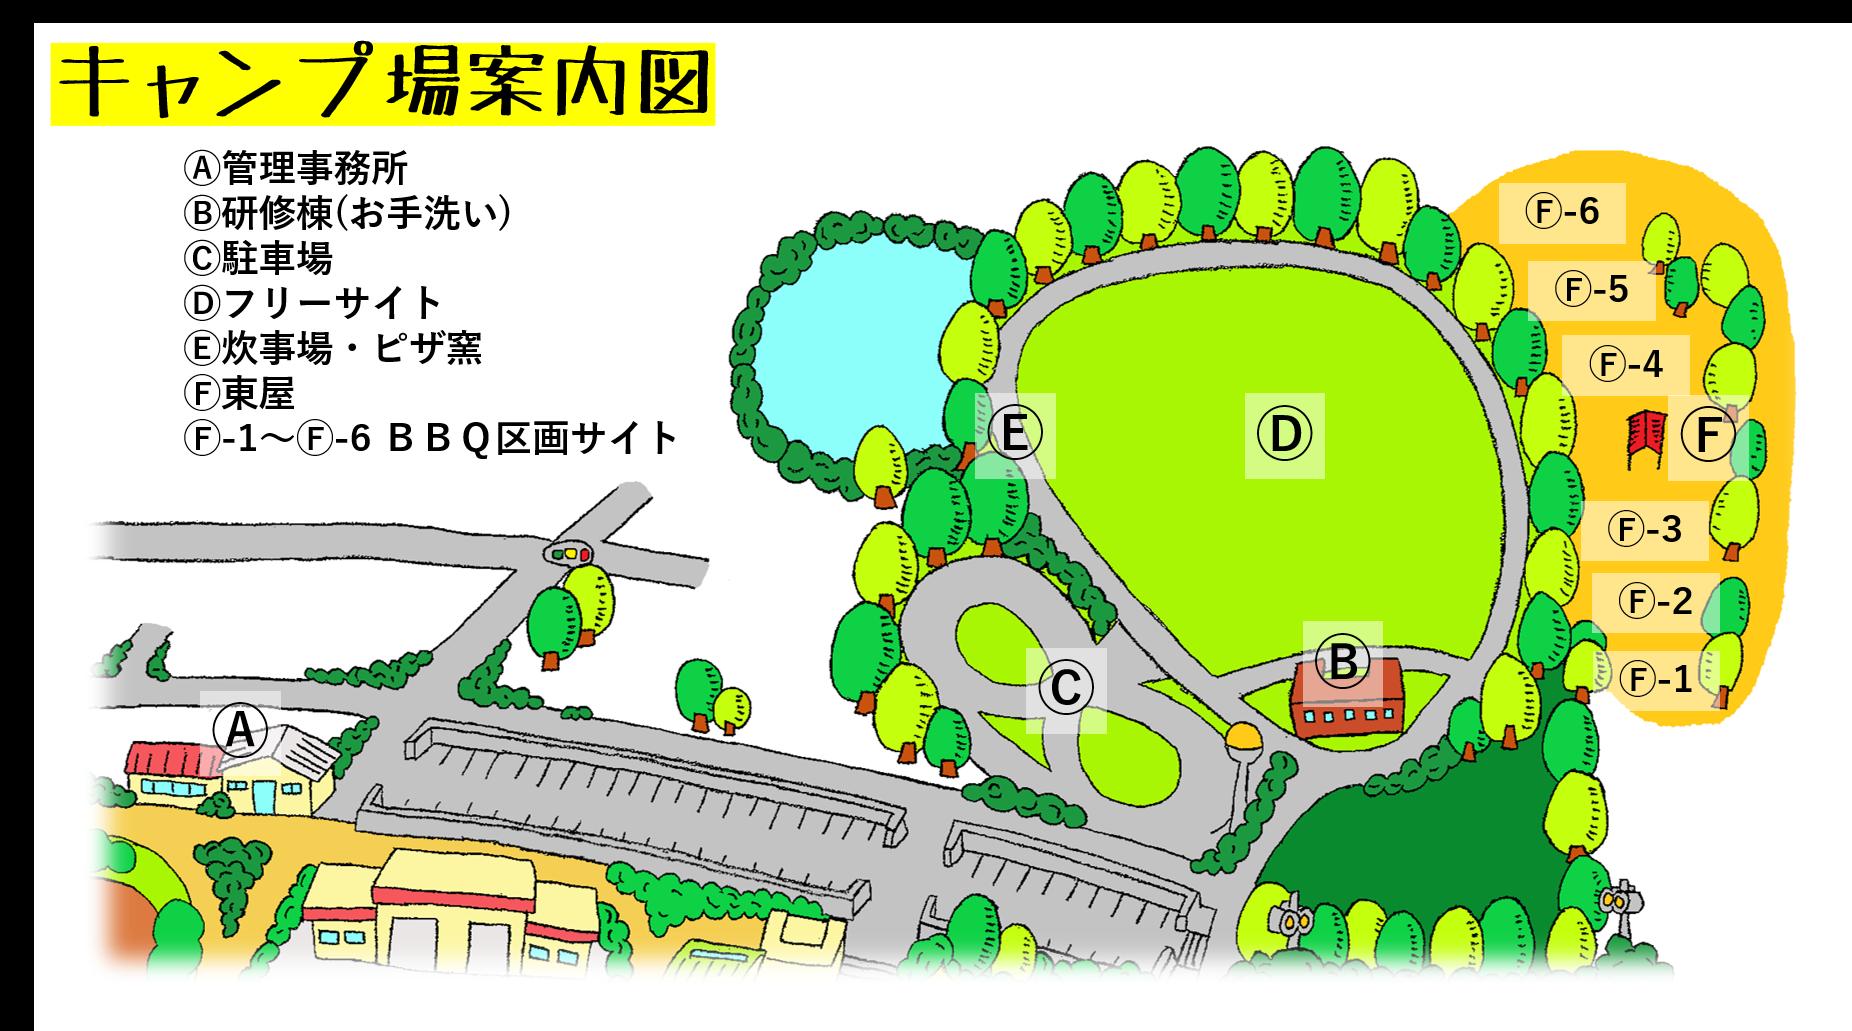 大曽公園キャンプ場